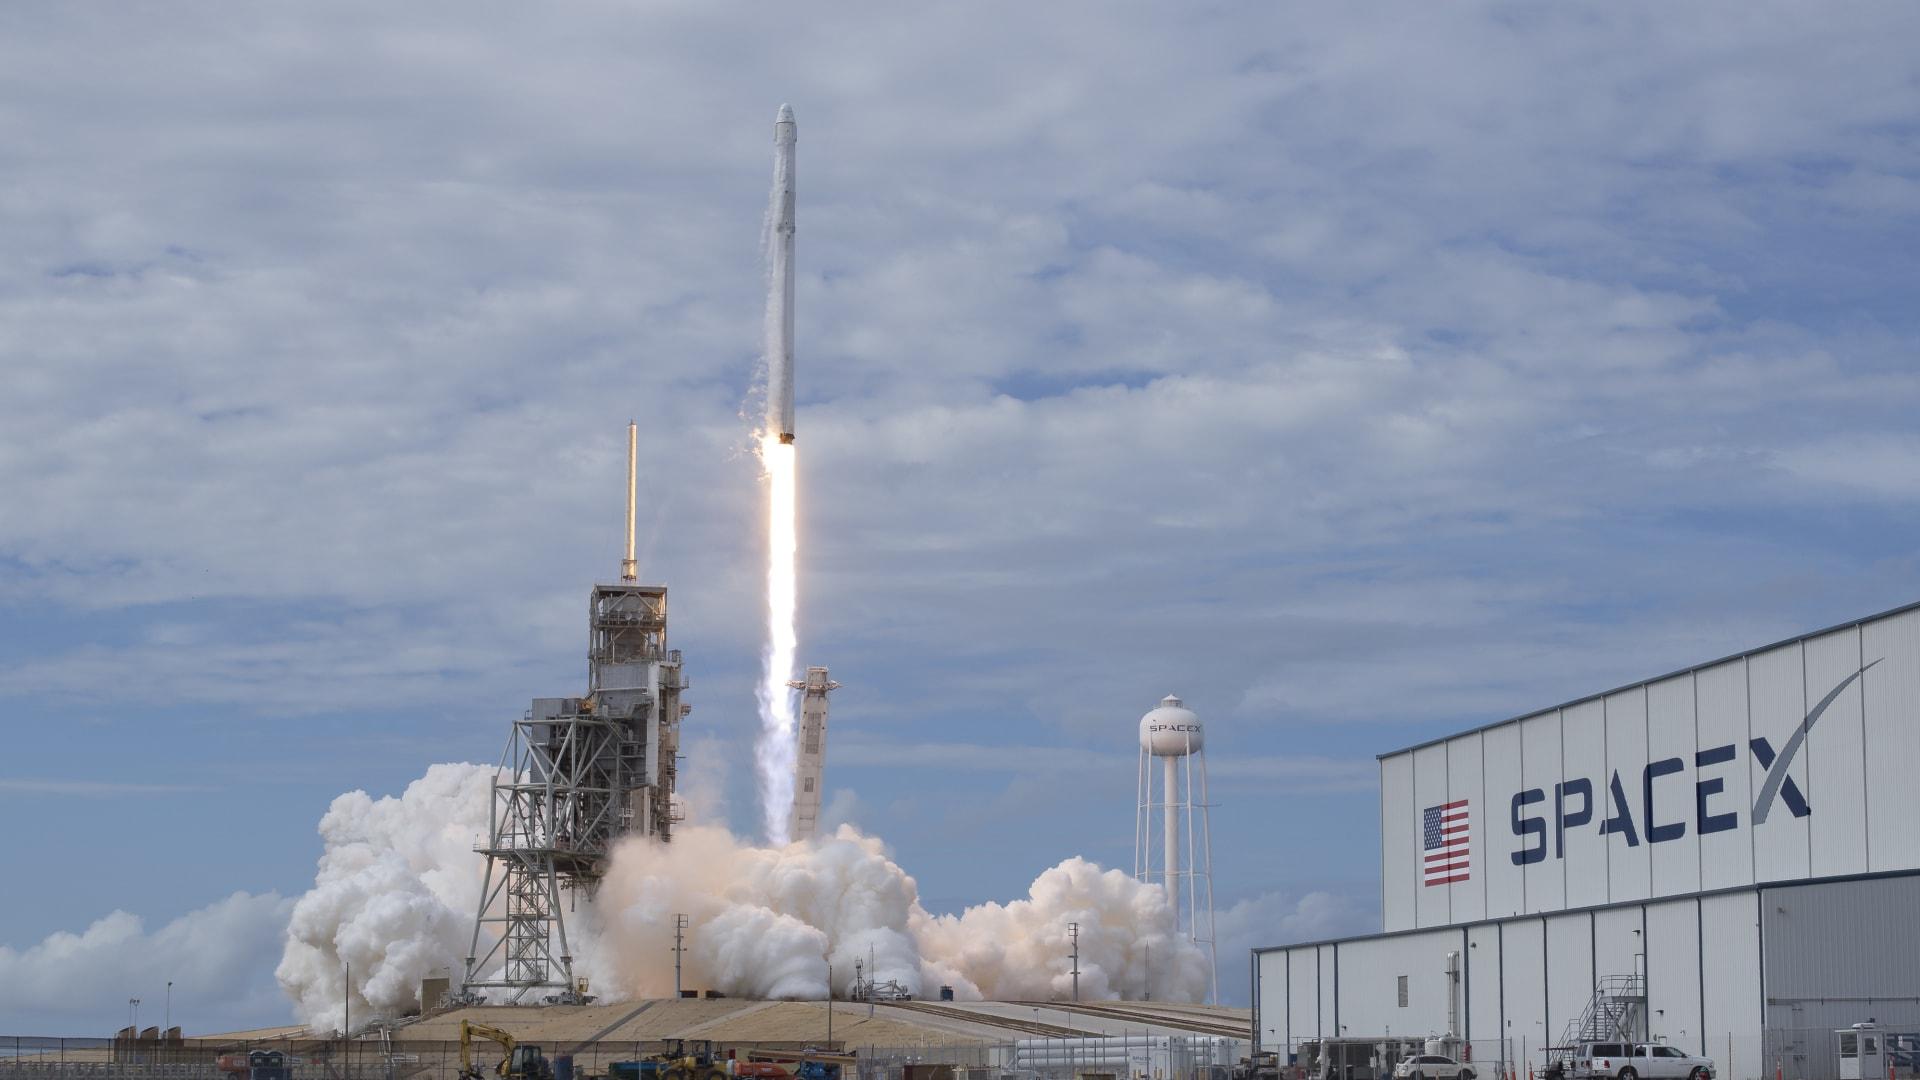 """حطم رقماً قياسياً بأكبر عدد أقمار صناعية على متنه.. ماذا تعرفون عن صاروخ """"فالكون 9""""؟"""